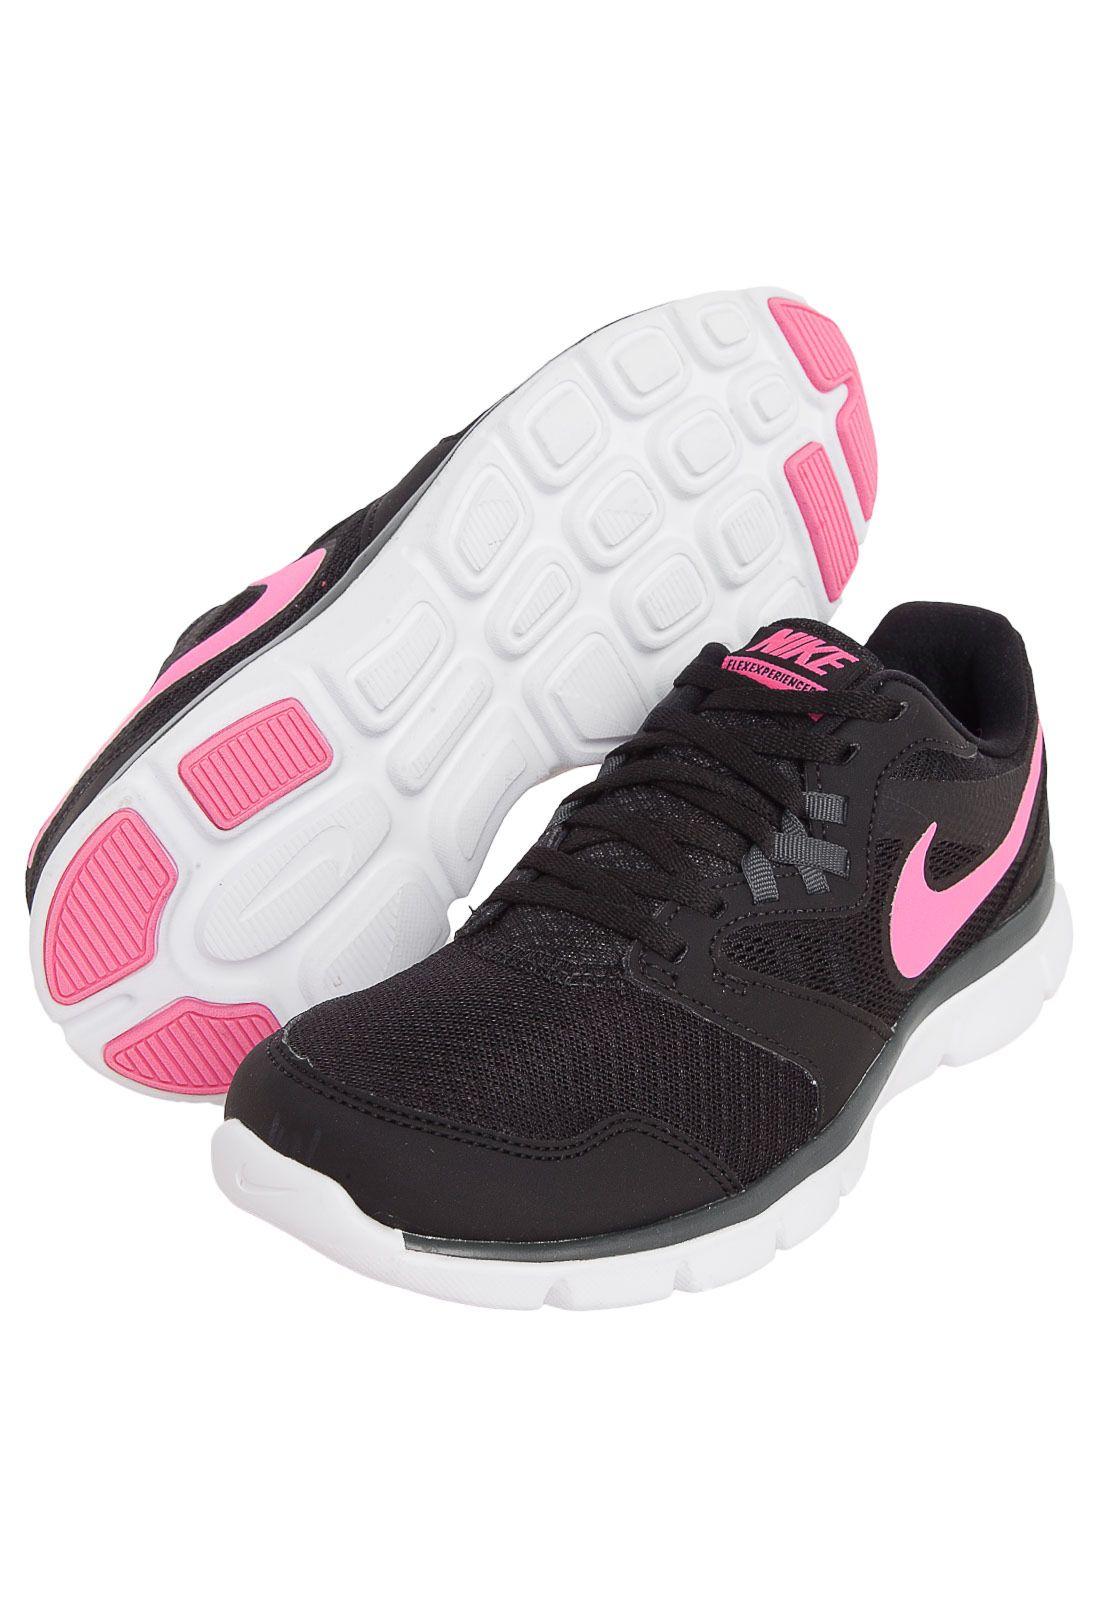 6d8bbedebf63d Tênis Nike Flex Experience RN 3 MSL Preto - Compre Agora